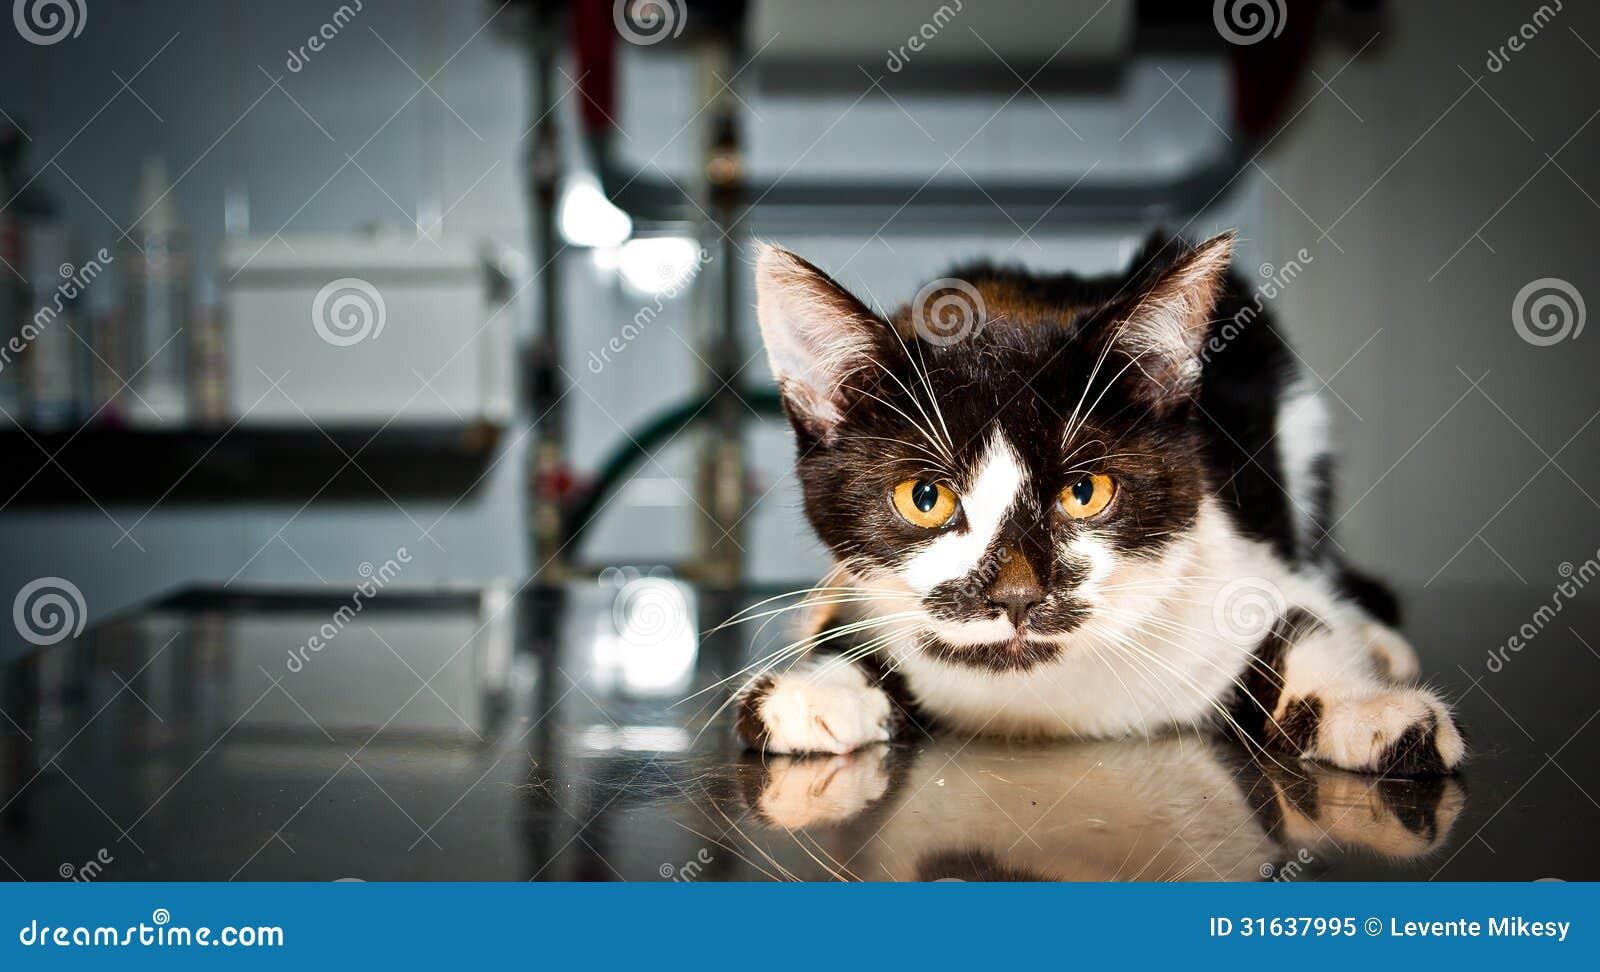 Άρρωστη γάτα στον κτηνίατρο